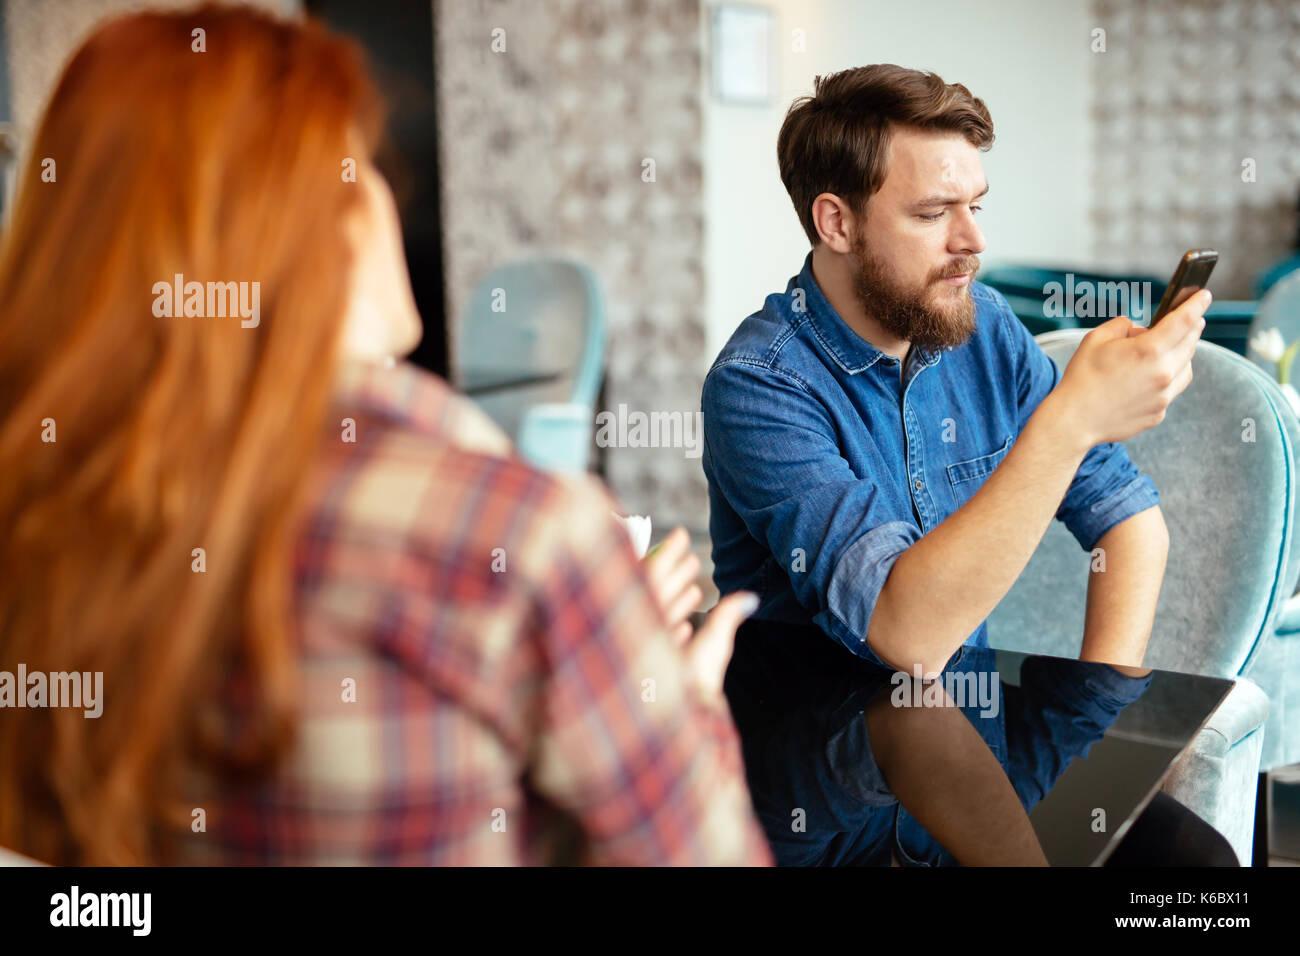 Suspecting infidelity